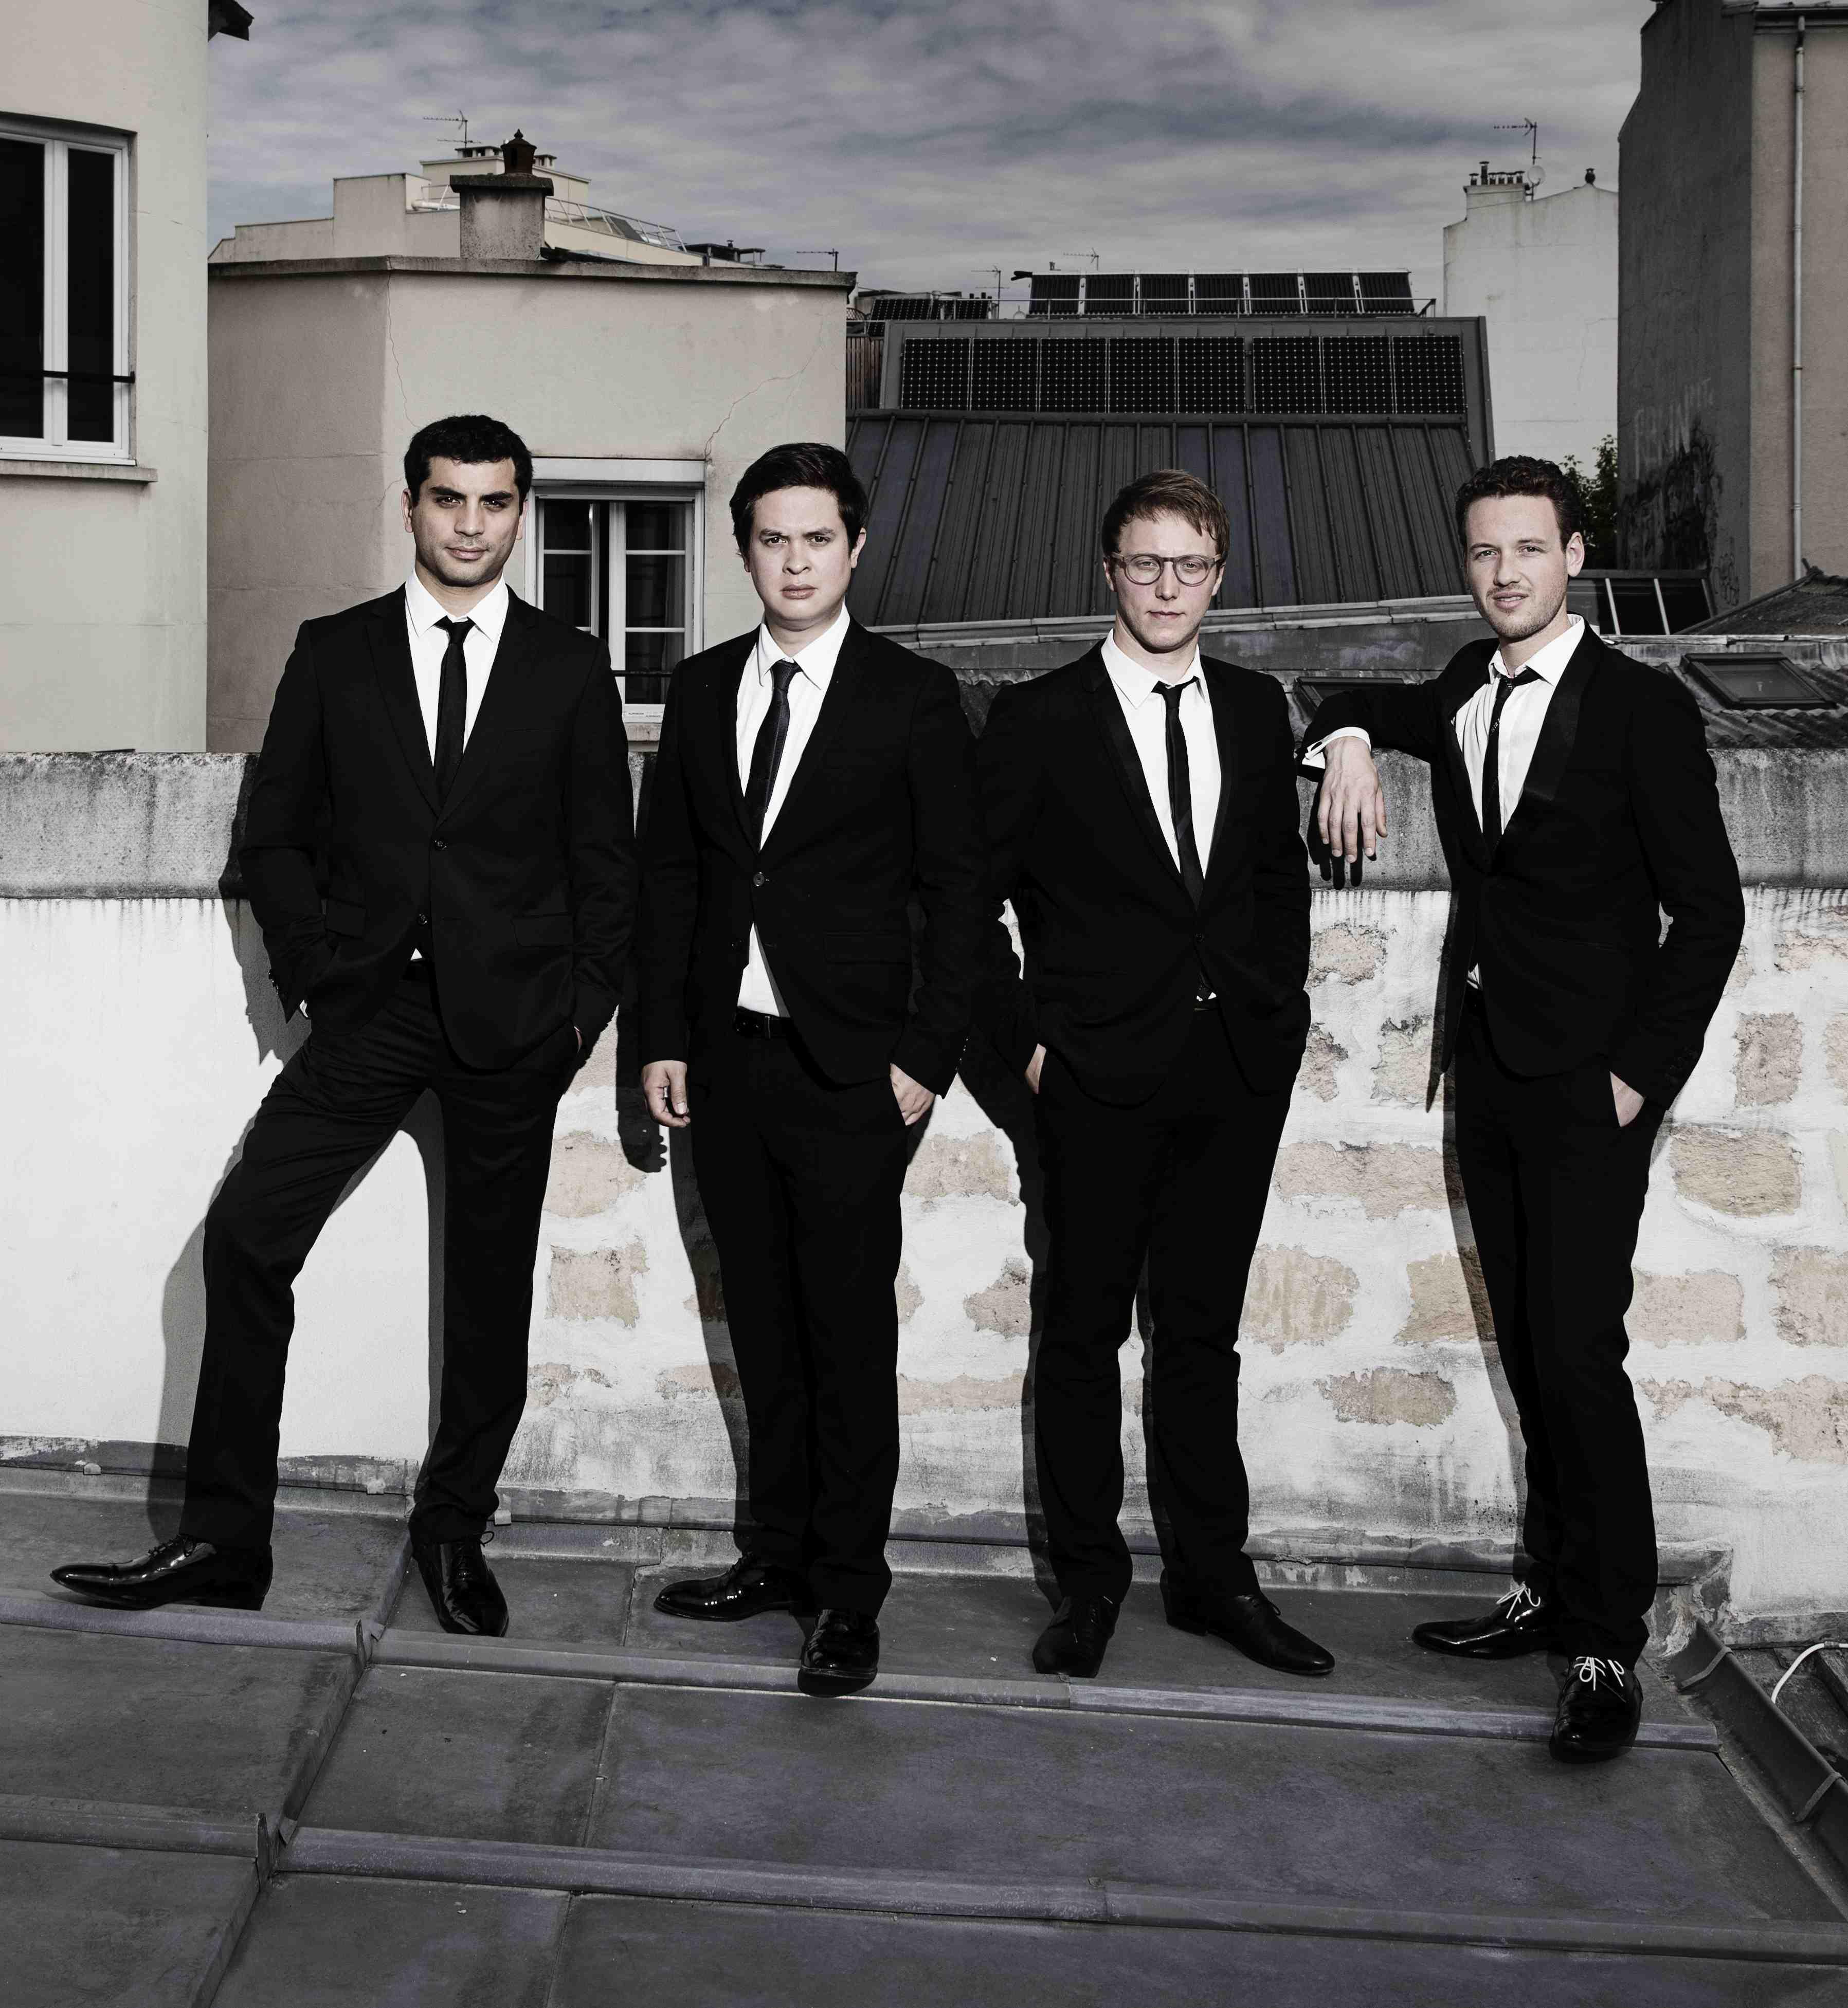 quatuor_vankuijk8_copy_nikolaj_lundbd.jpg